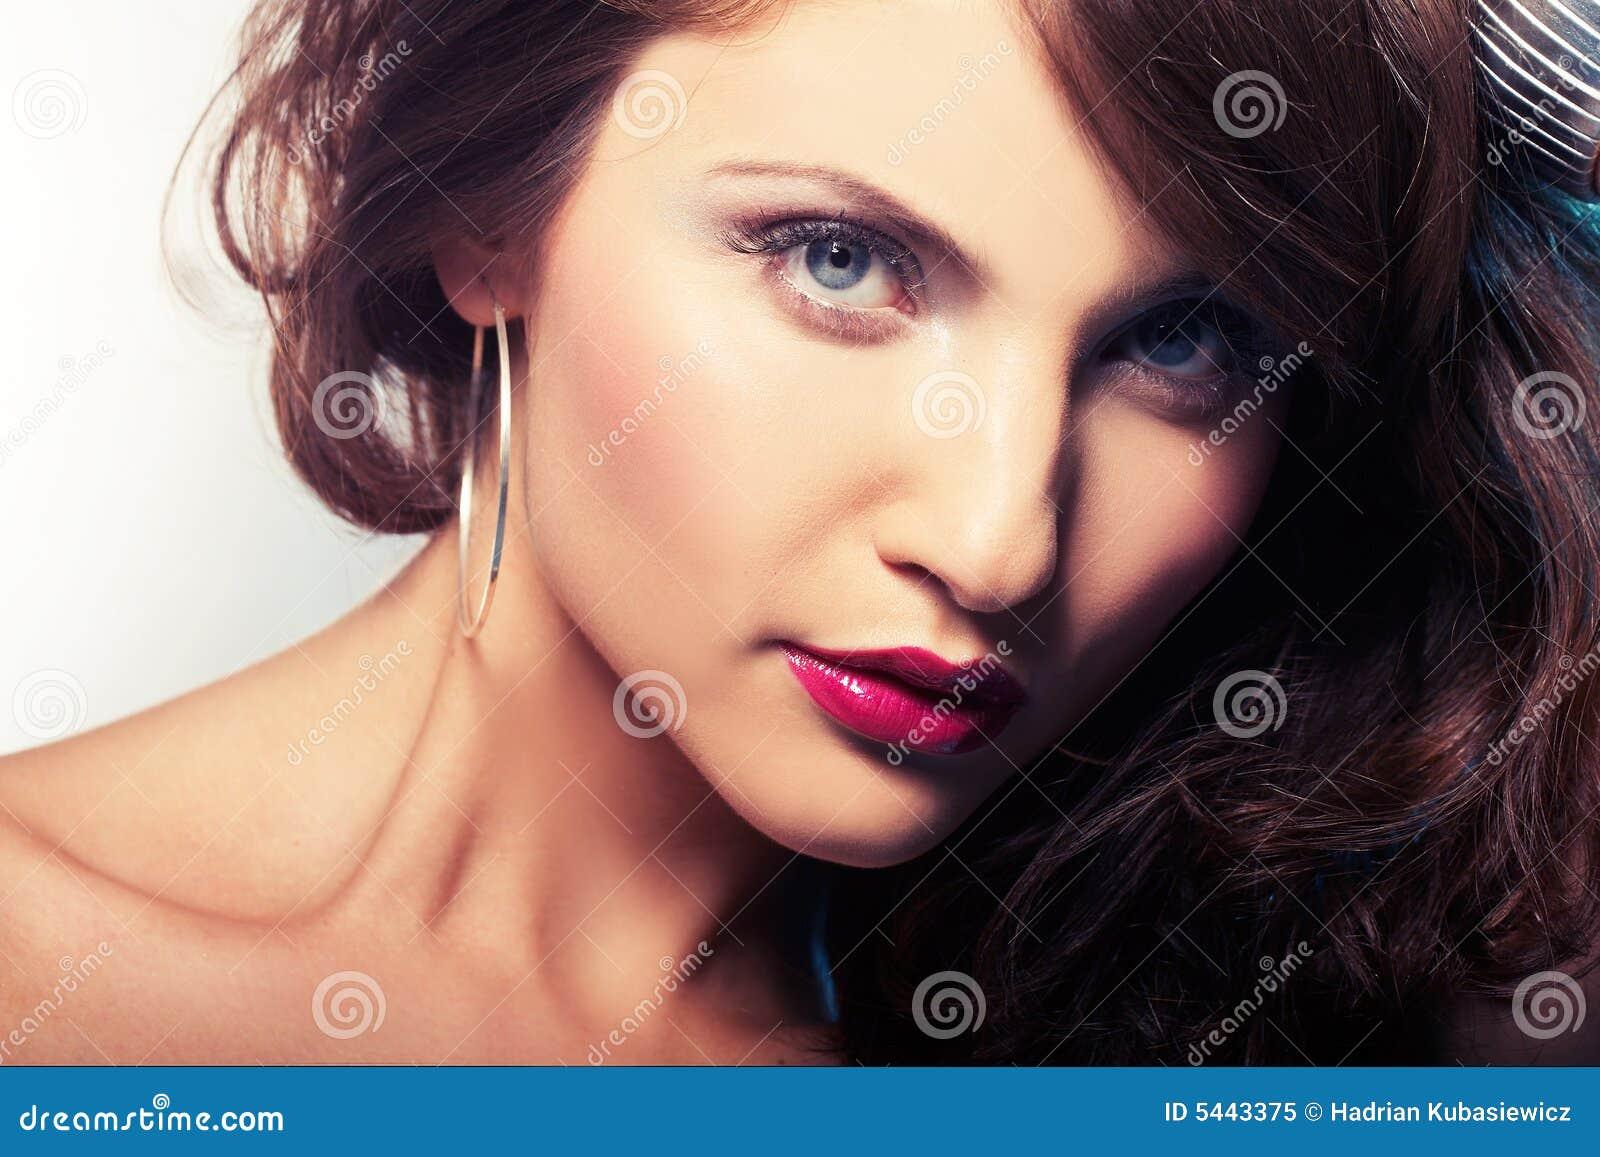 Распространитель косметики в мери кей 11 фотография